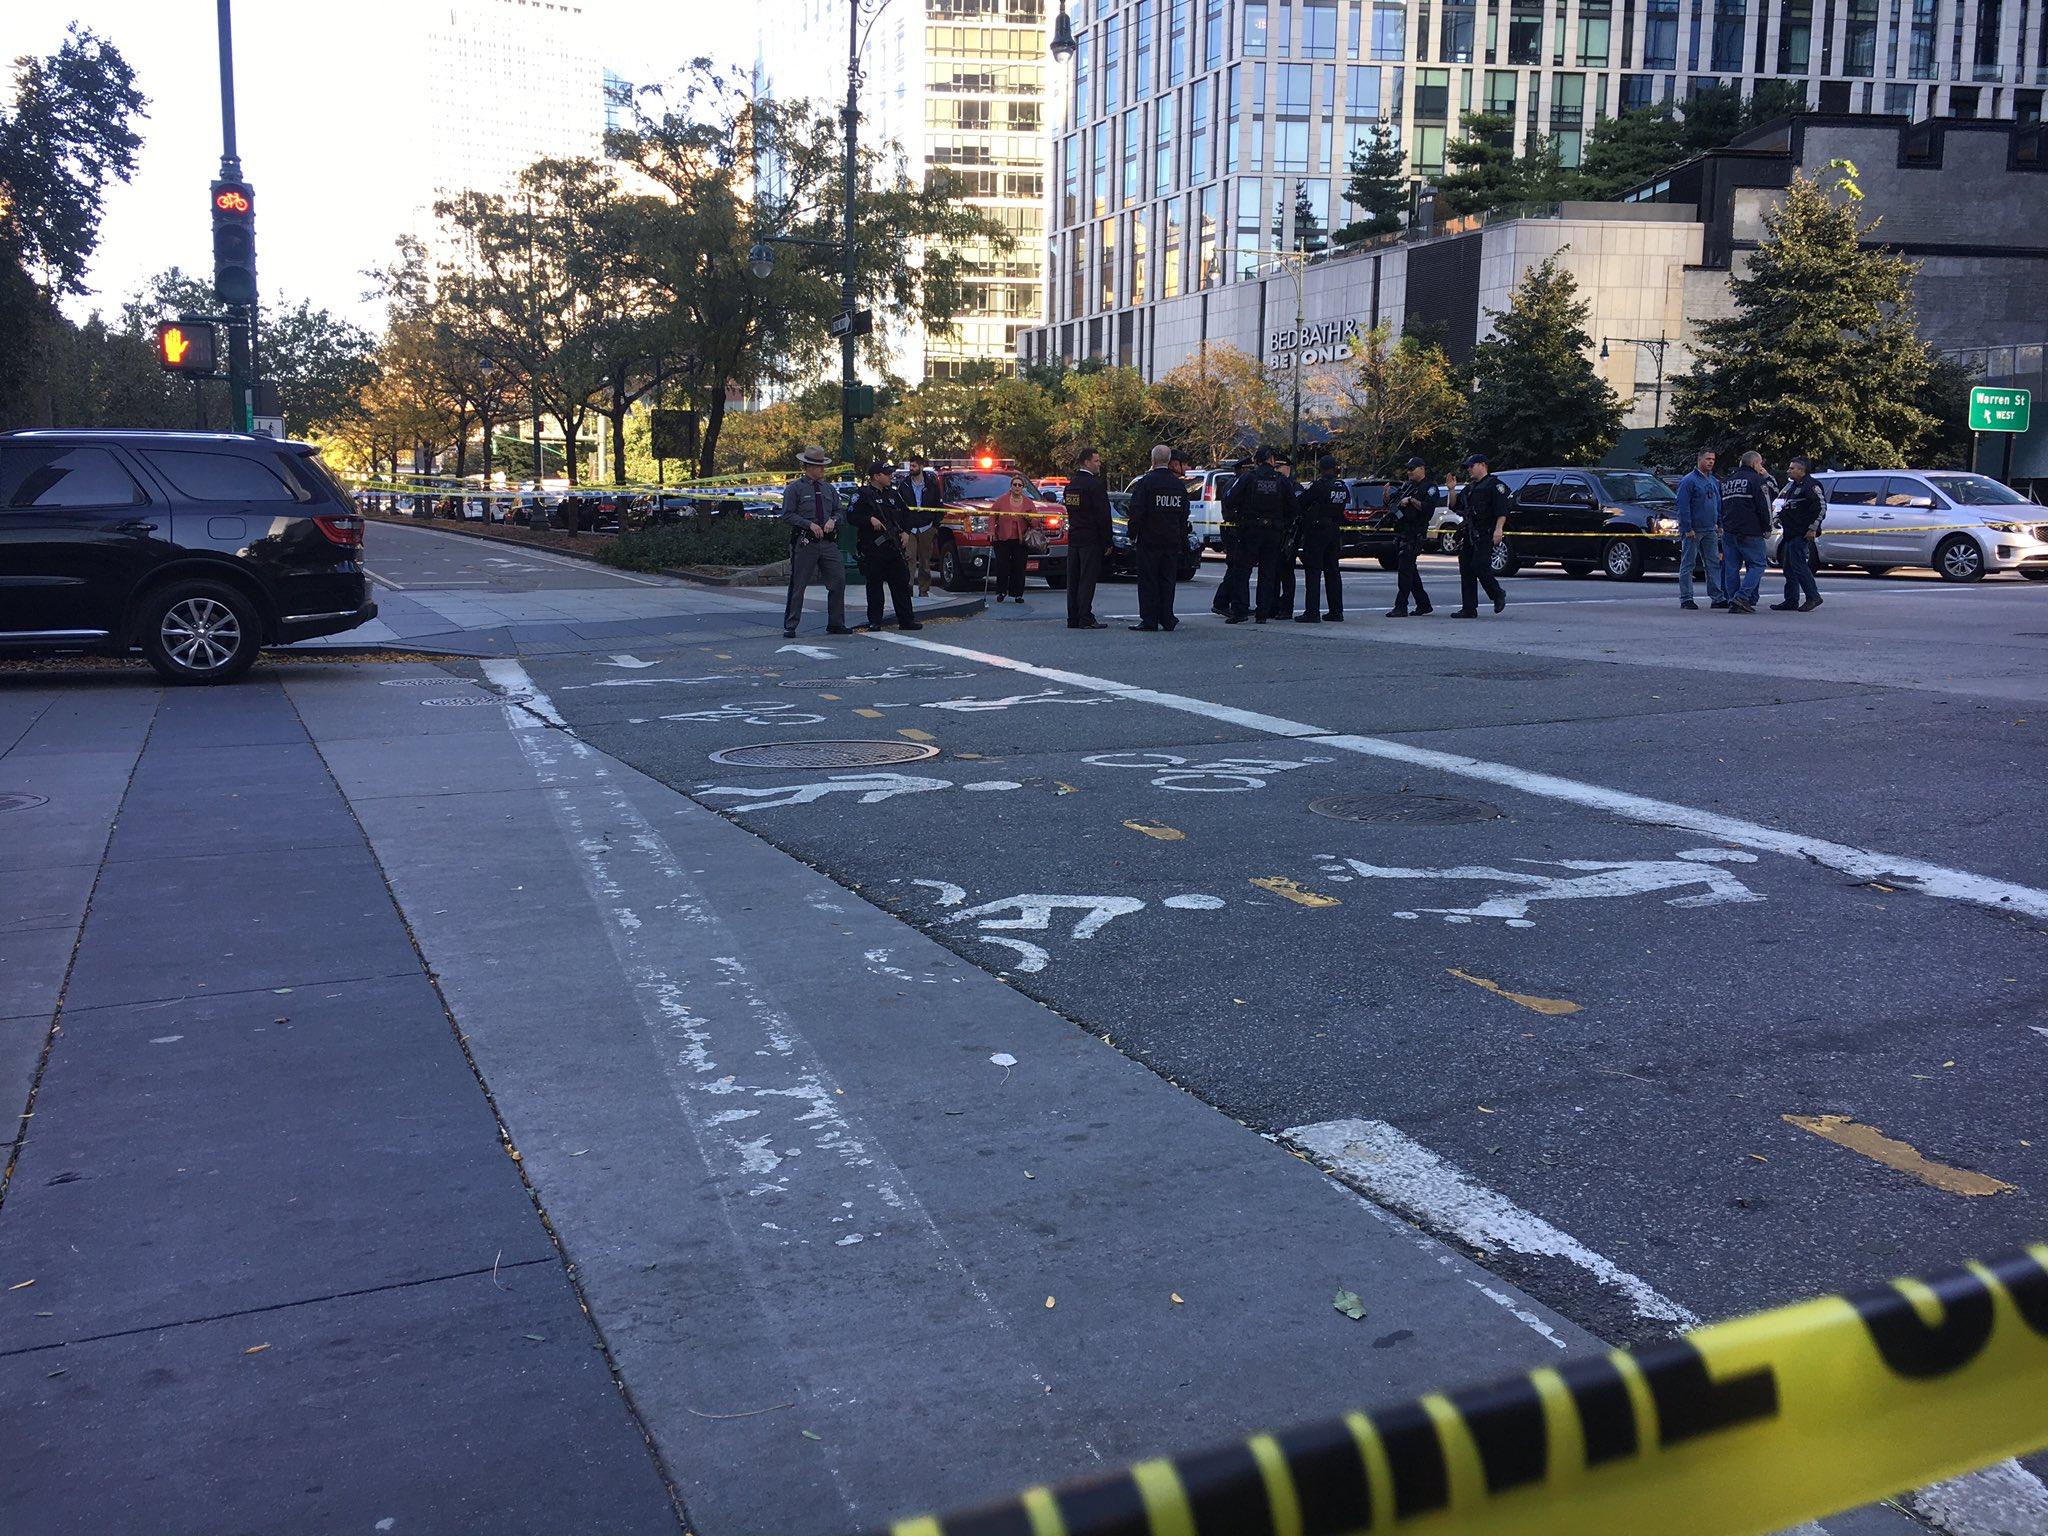 Полиция Нью-Йорка назвала терактом наезд на людей в Манхэттене